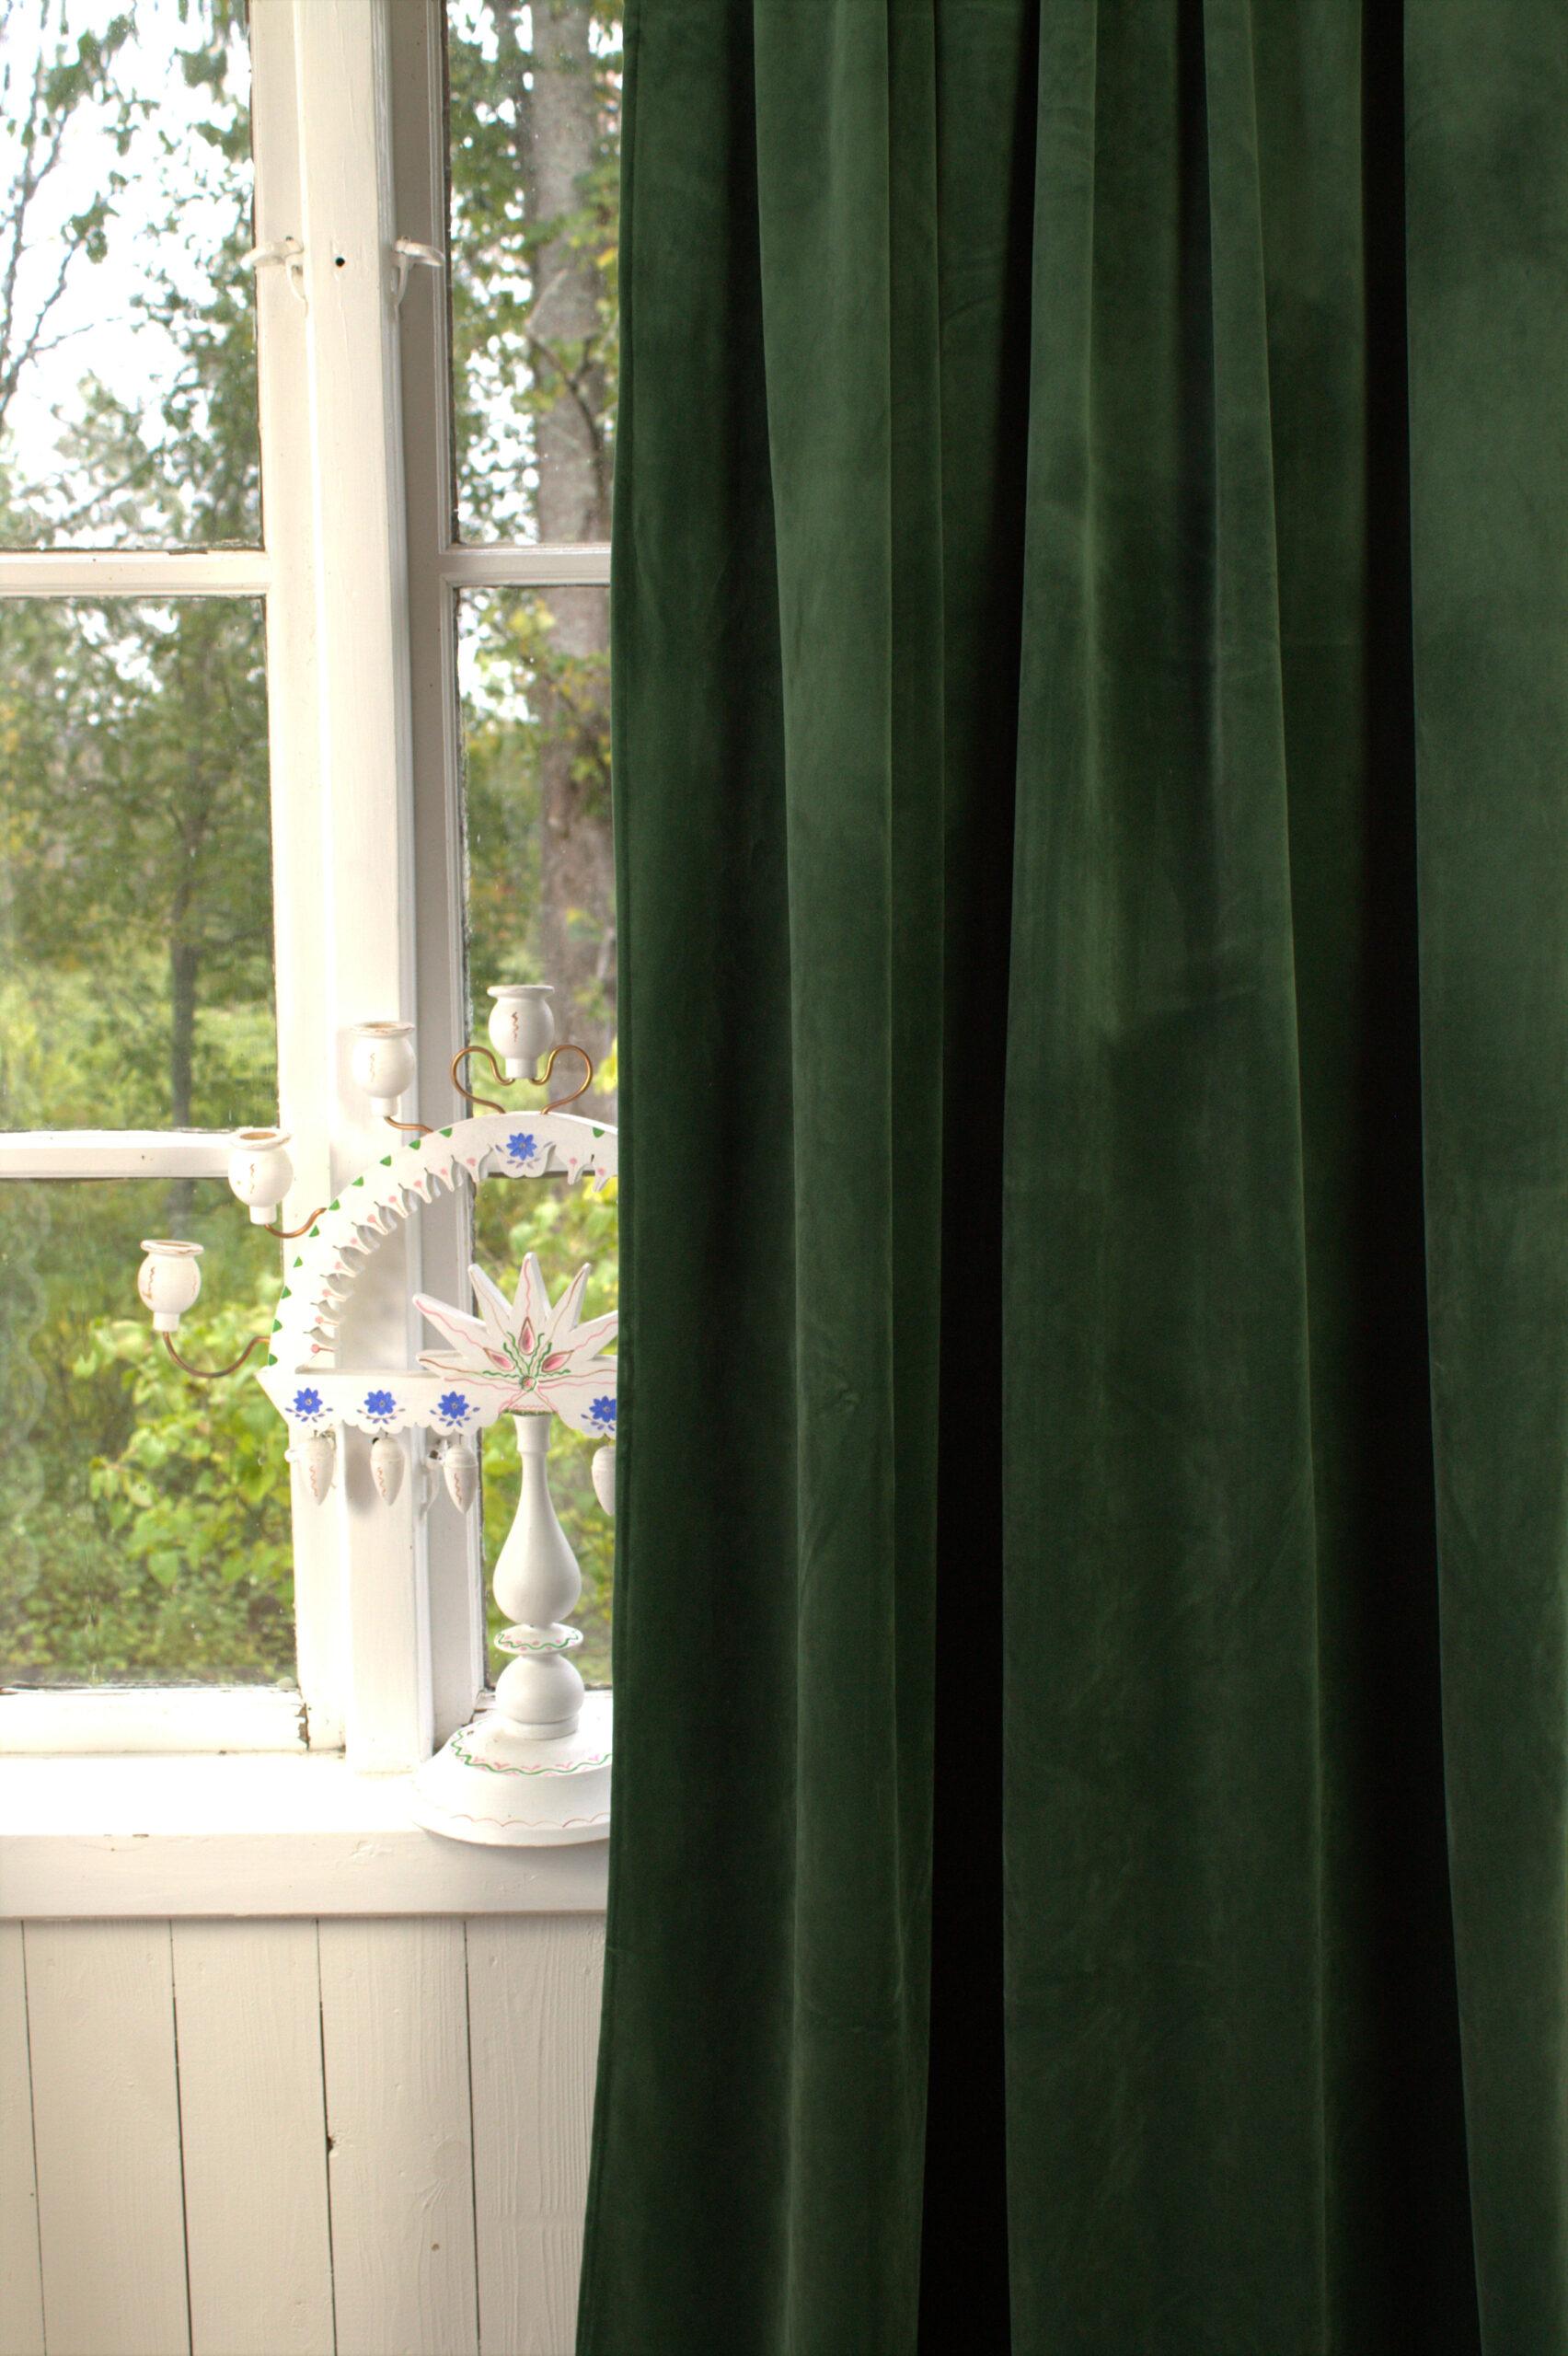 Full Size of Vorhang Gabriella Samt Tannen Grn 140x280 Cm 2 Stck Blickdicht Gardinen Für Küche Die Fenster Scheibengardinen Schlafzimmer Wohnzimmer Wohnzimmer Blickdichte Gardinen